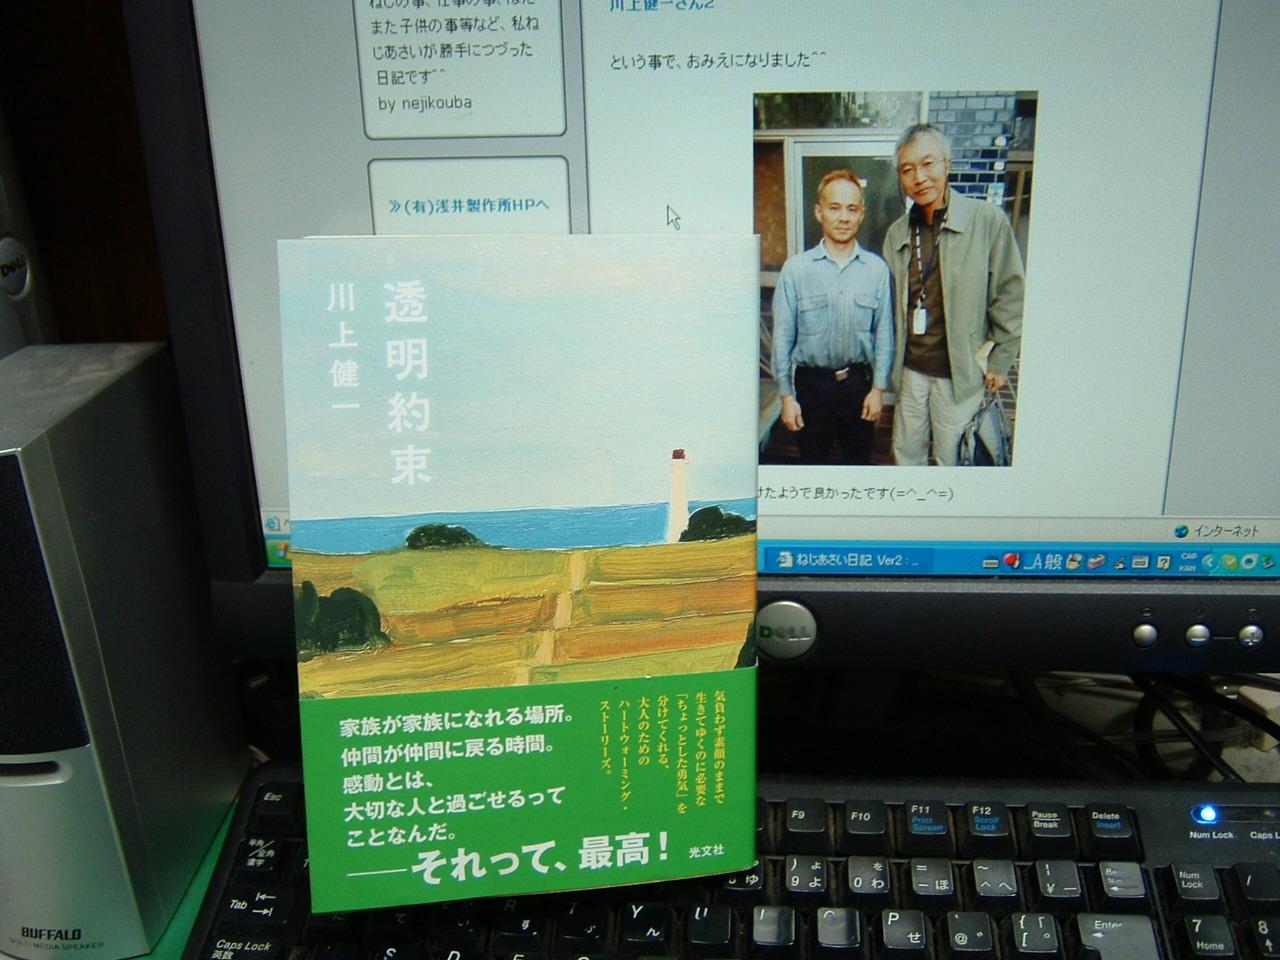 川上健一さん著「透明約束」_e0061778_22504659.jpg